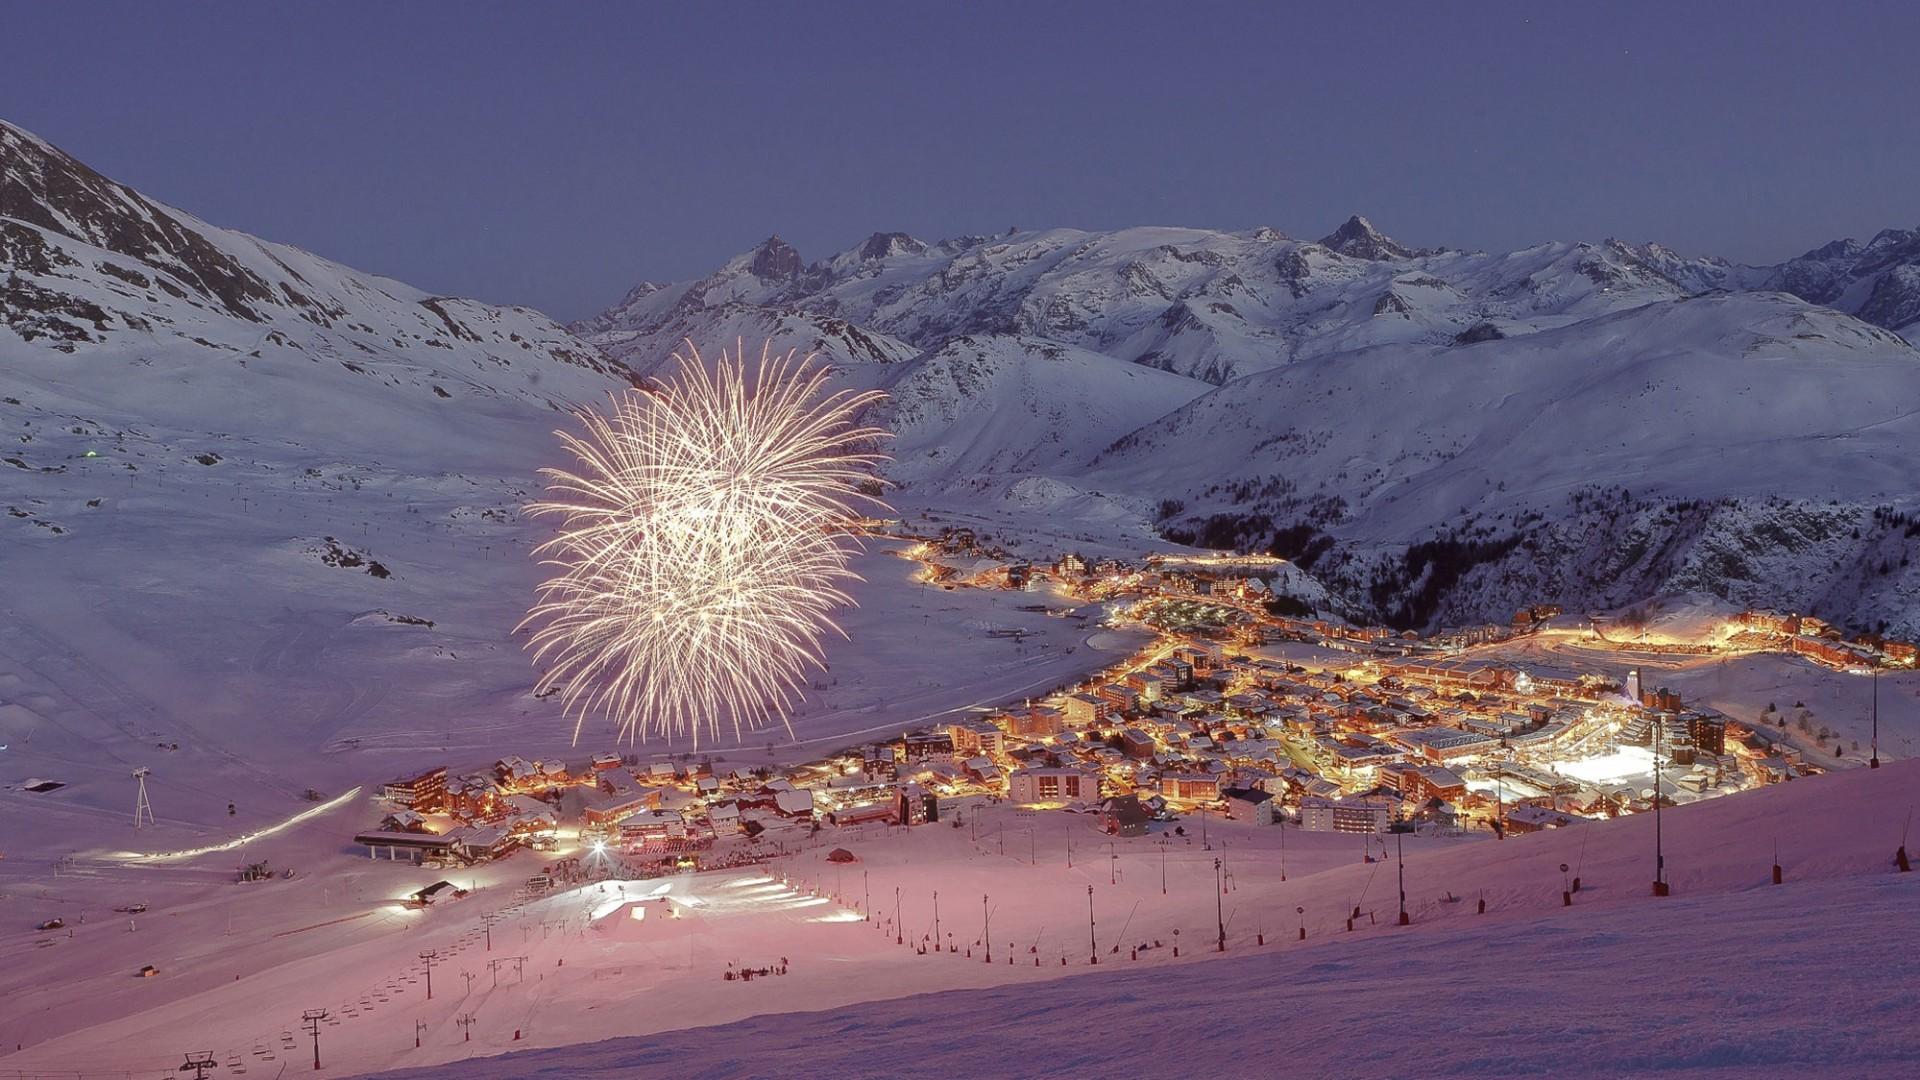 Fireworks in Alpe D'Huez, France